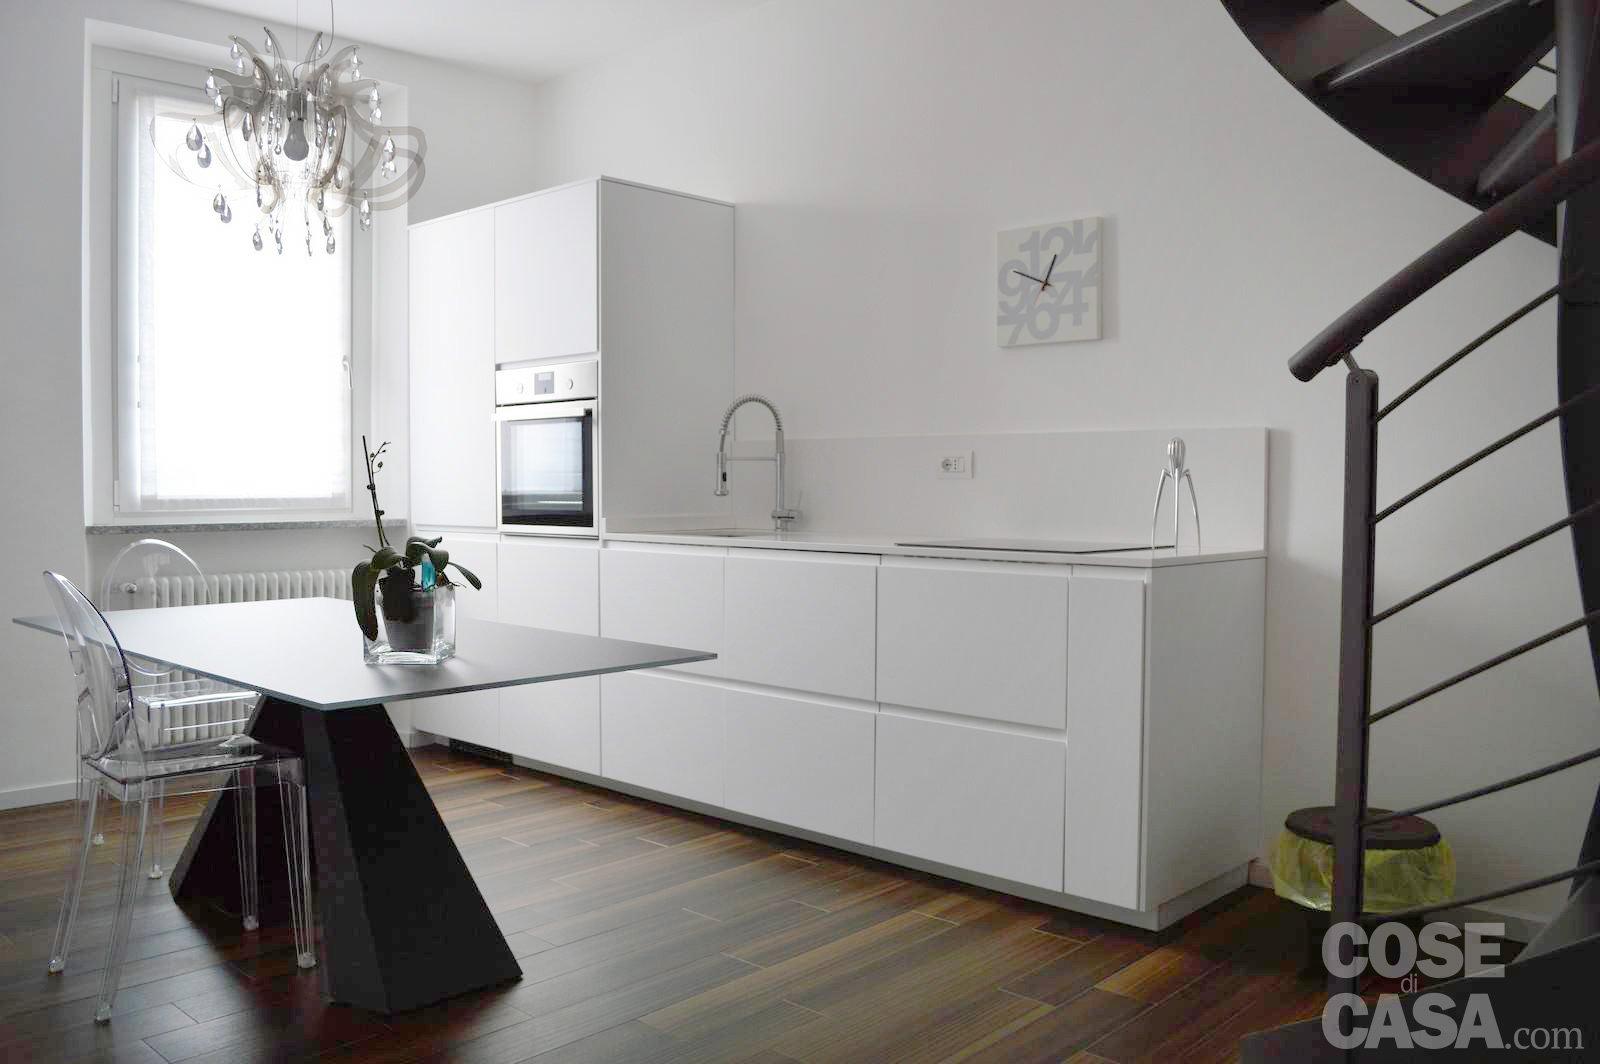 Piastrelle soggiorno e cucina cool pannelli retro cucina bricoman e pannelli retrocucina prezzi - Piastrelle cucina ikea ...